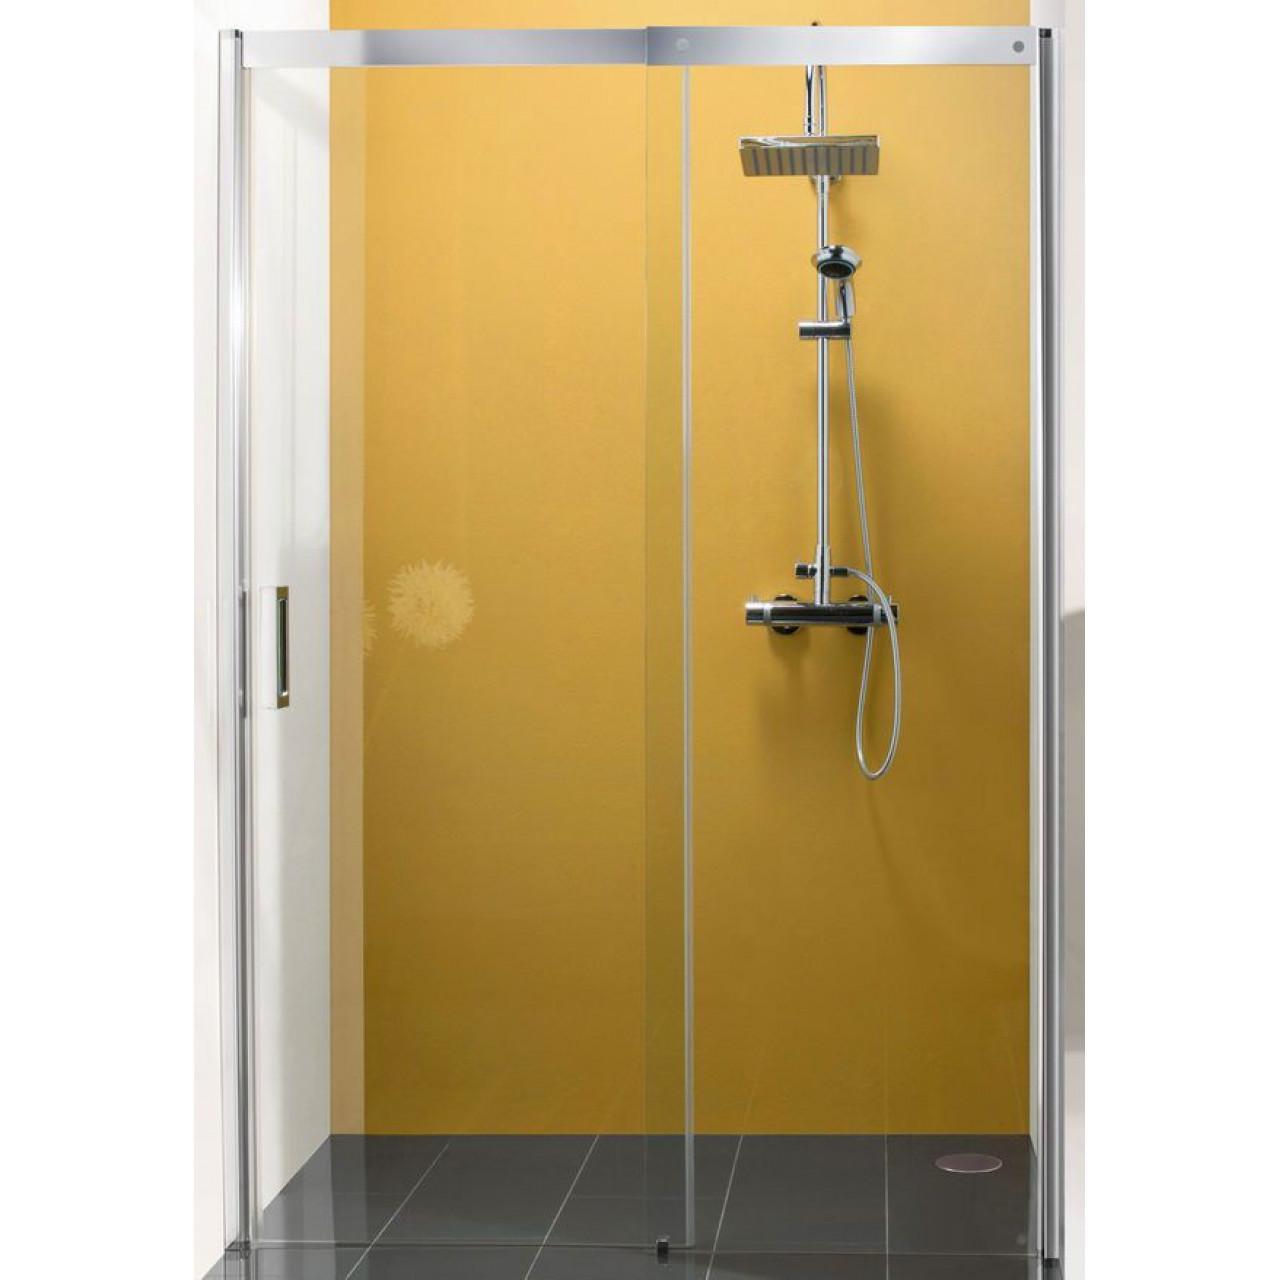 Дверь для душа Duschwelten МК 800 ST/N 5072005001040 R, L купить в Москве по цене от 24400р. в интернет-магазине mebel-v-vannu.ru